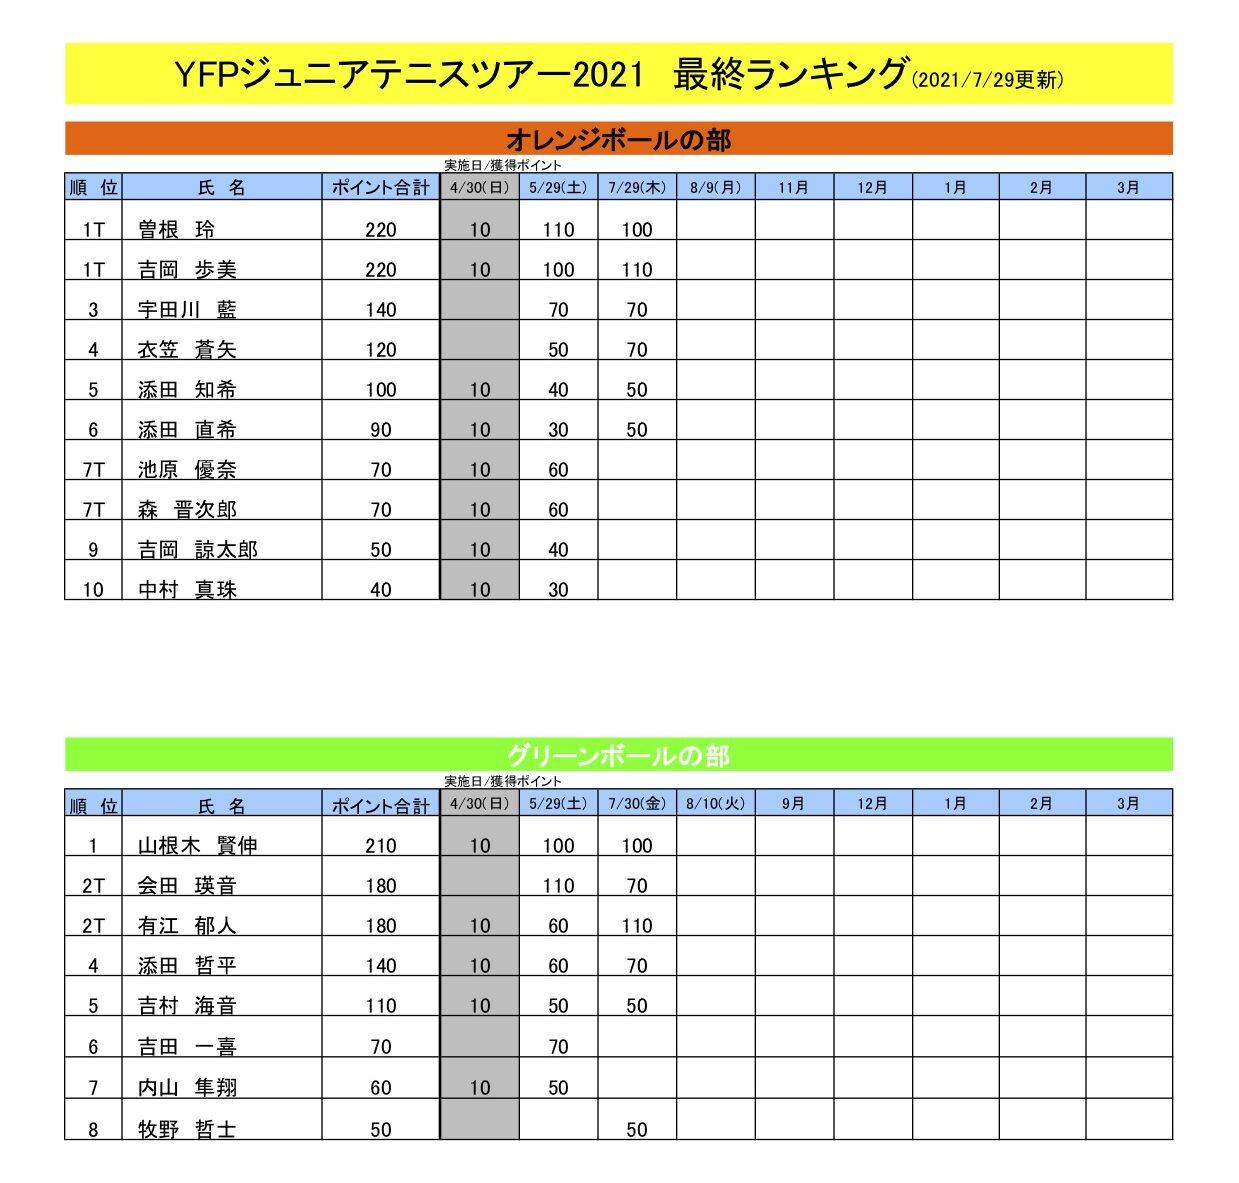 ランキング表(7月30日現在)